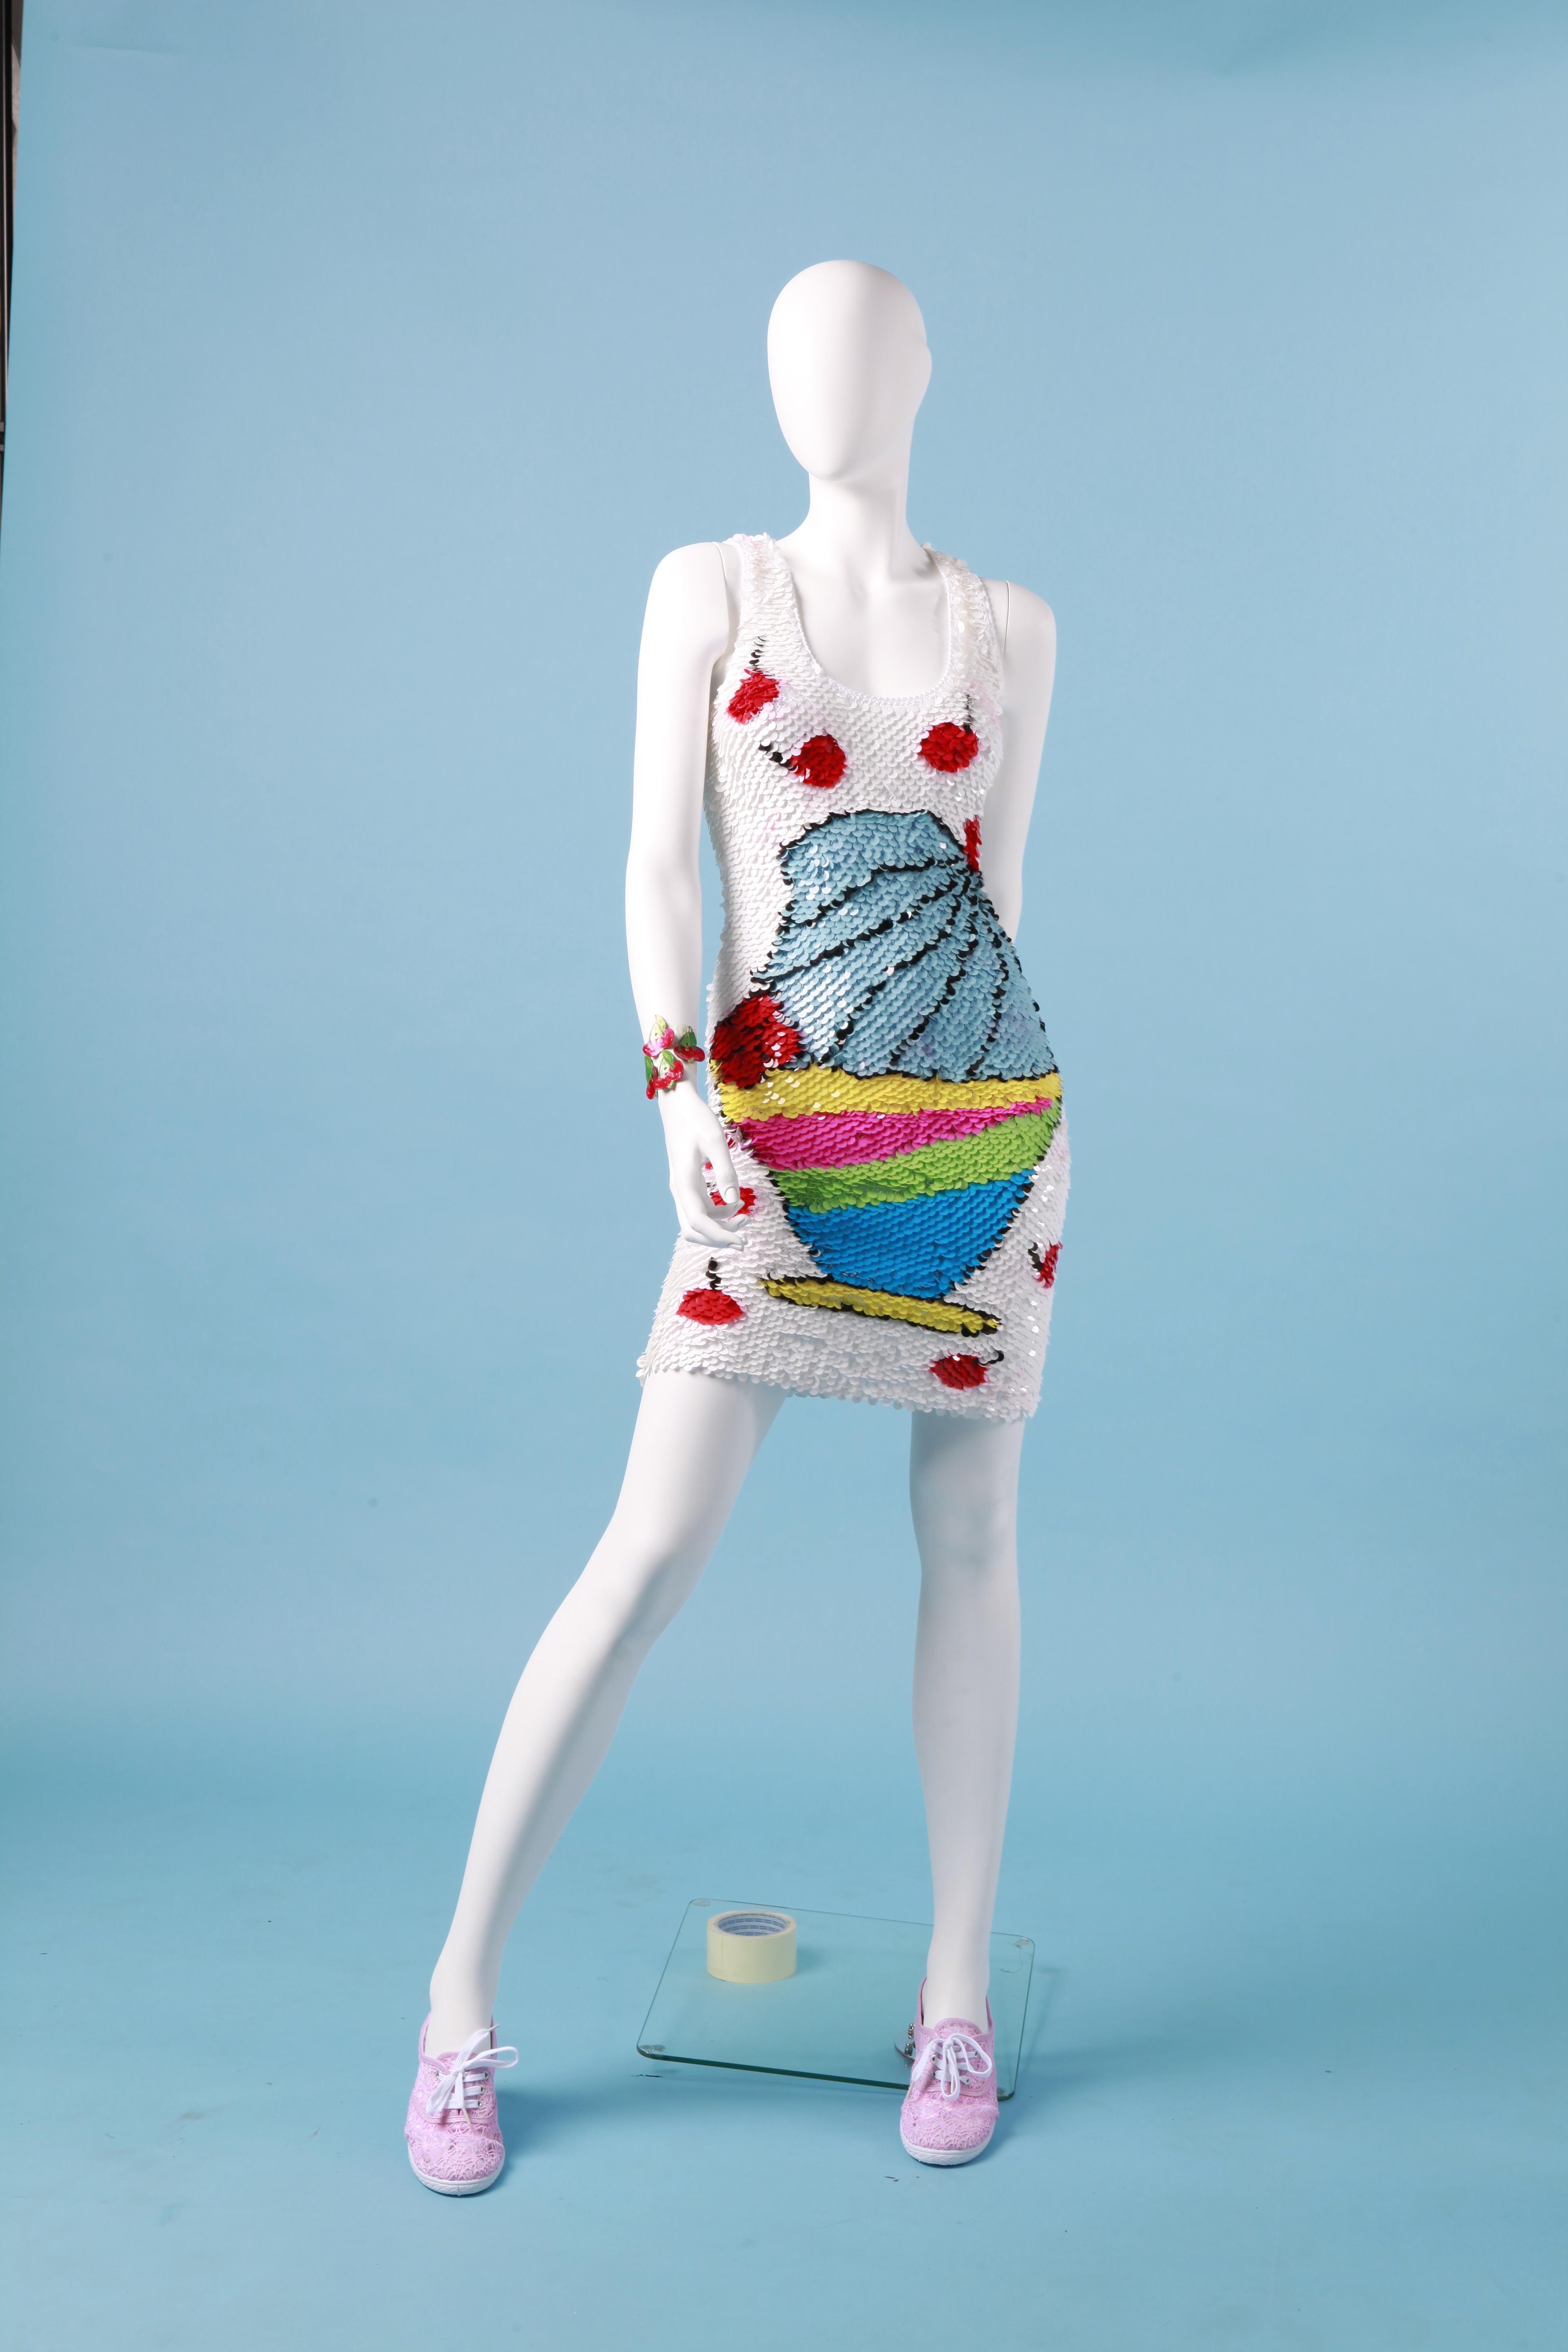 Enrico Coveri Collezione Primavera/Estate 2013 Abito in filo di seta tricot con paillettes. Courtesy Enrico Coveri